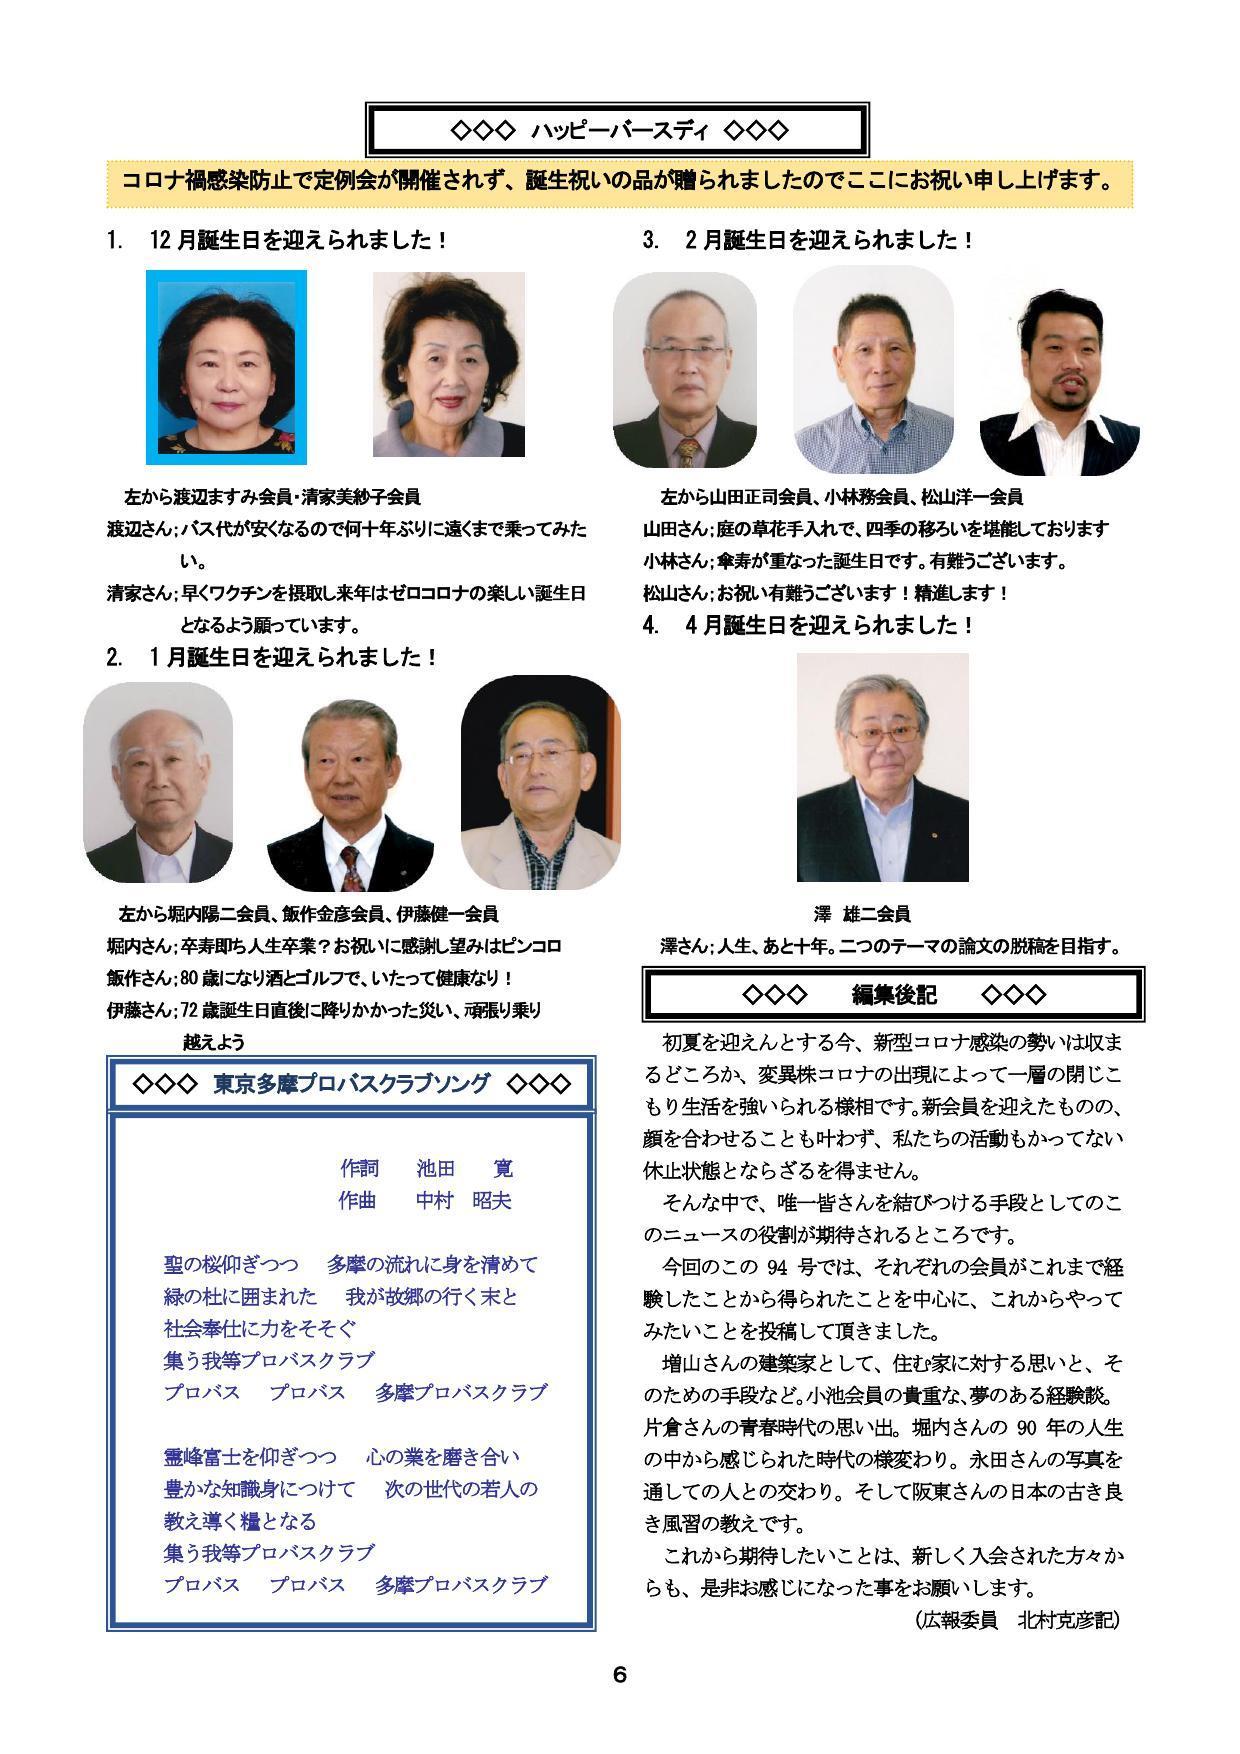 東京多摩プロバスニュース 第94号 2021年5月12日_b0000714_14214900.jpg